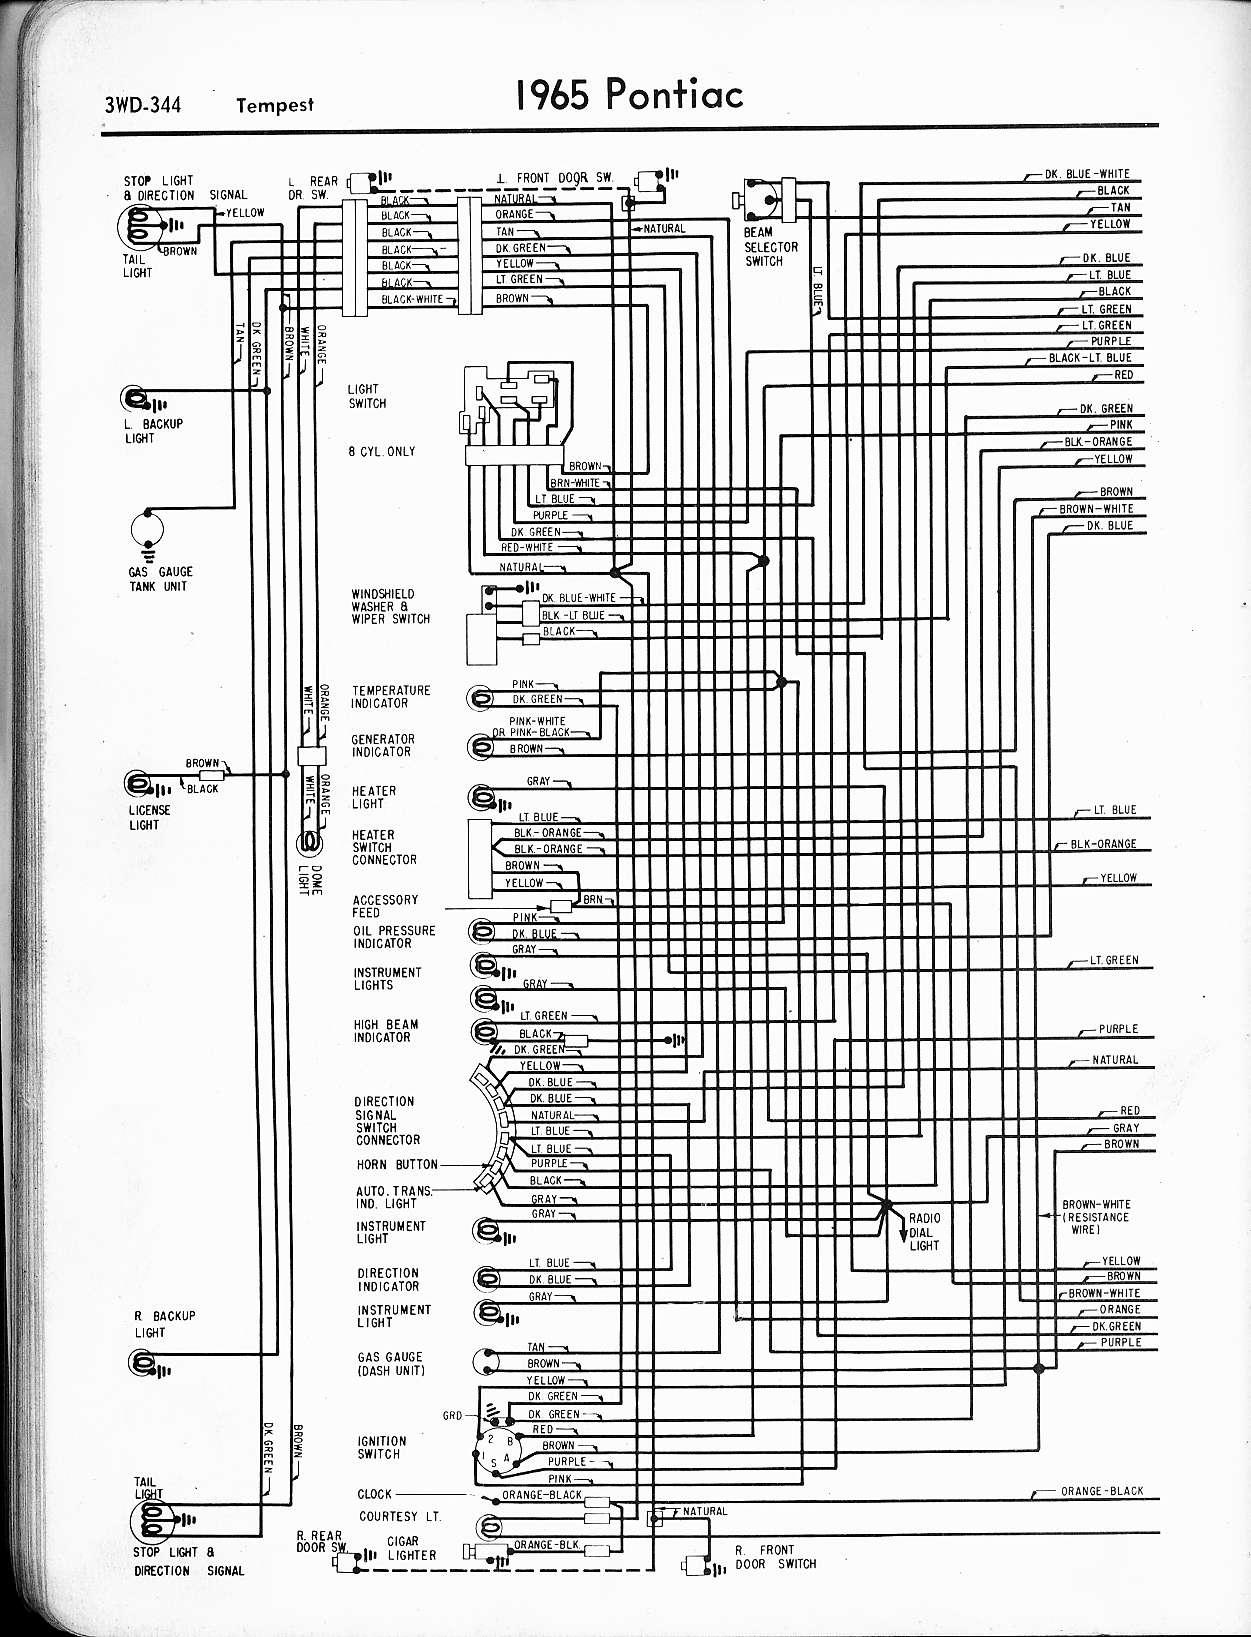 Tremendous 65 T Bird Wiring Diagram Basic Electronics Wiring Diagram Wiring Cloud Monangrecoveryedborg